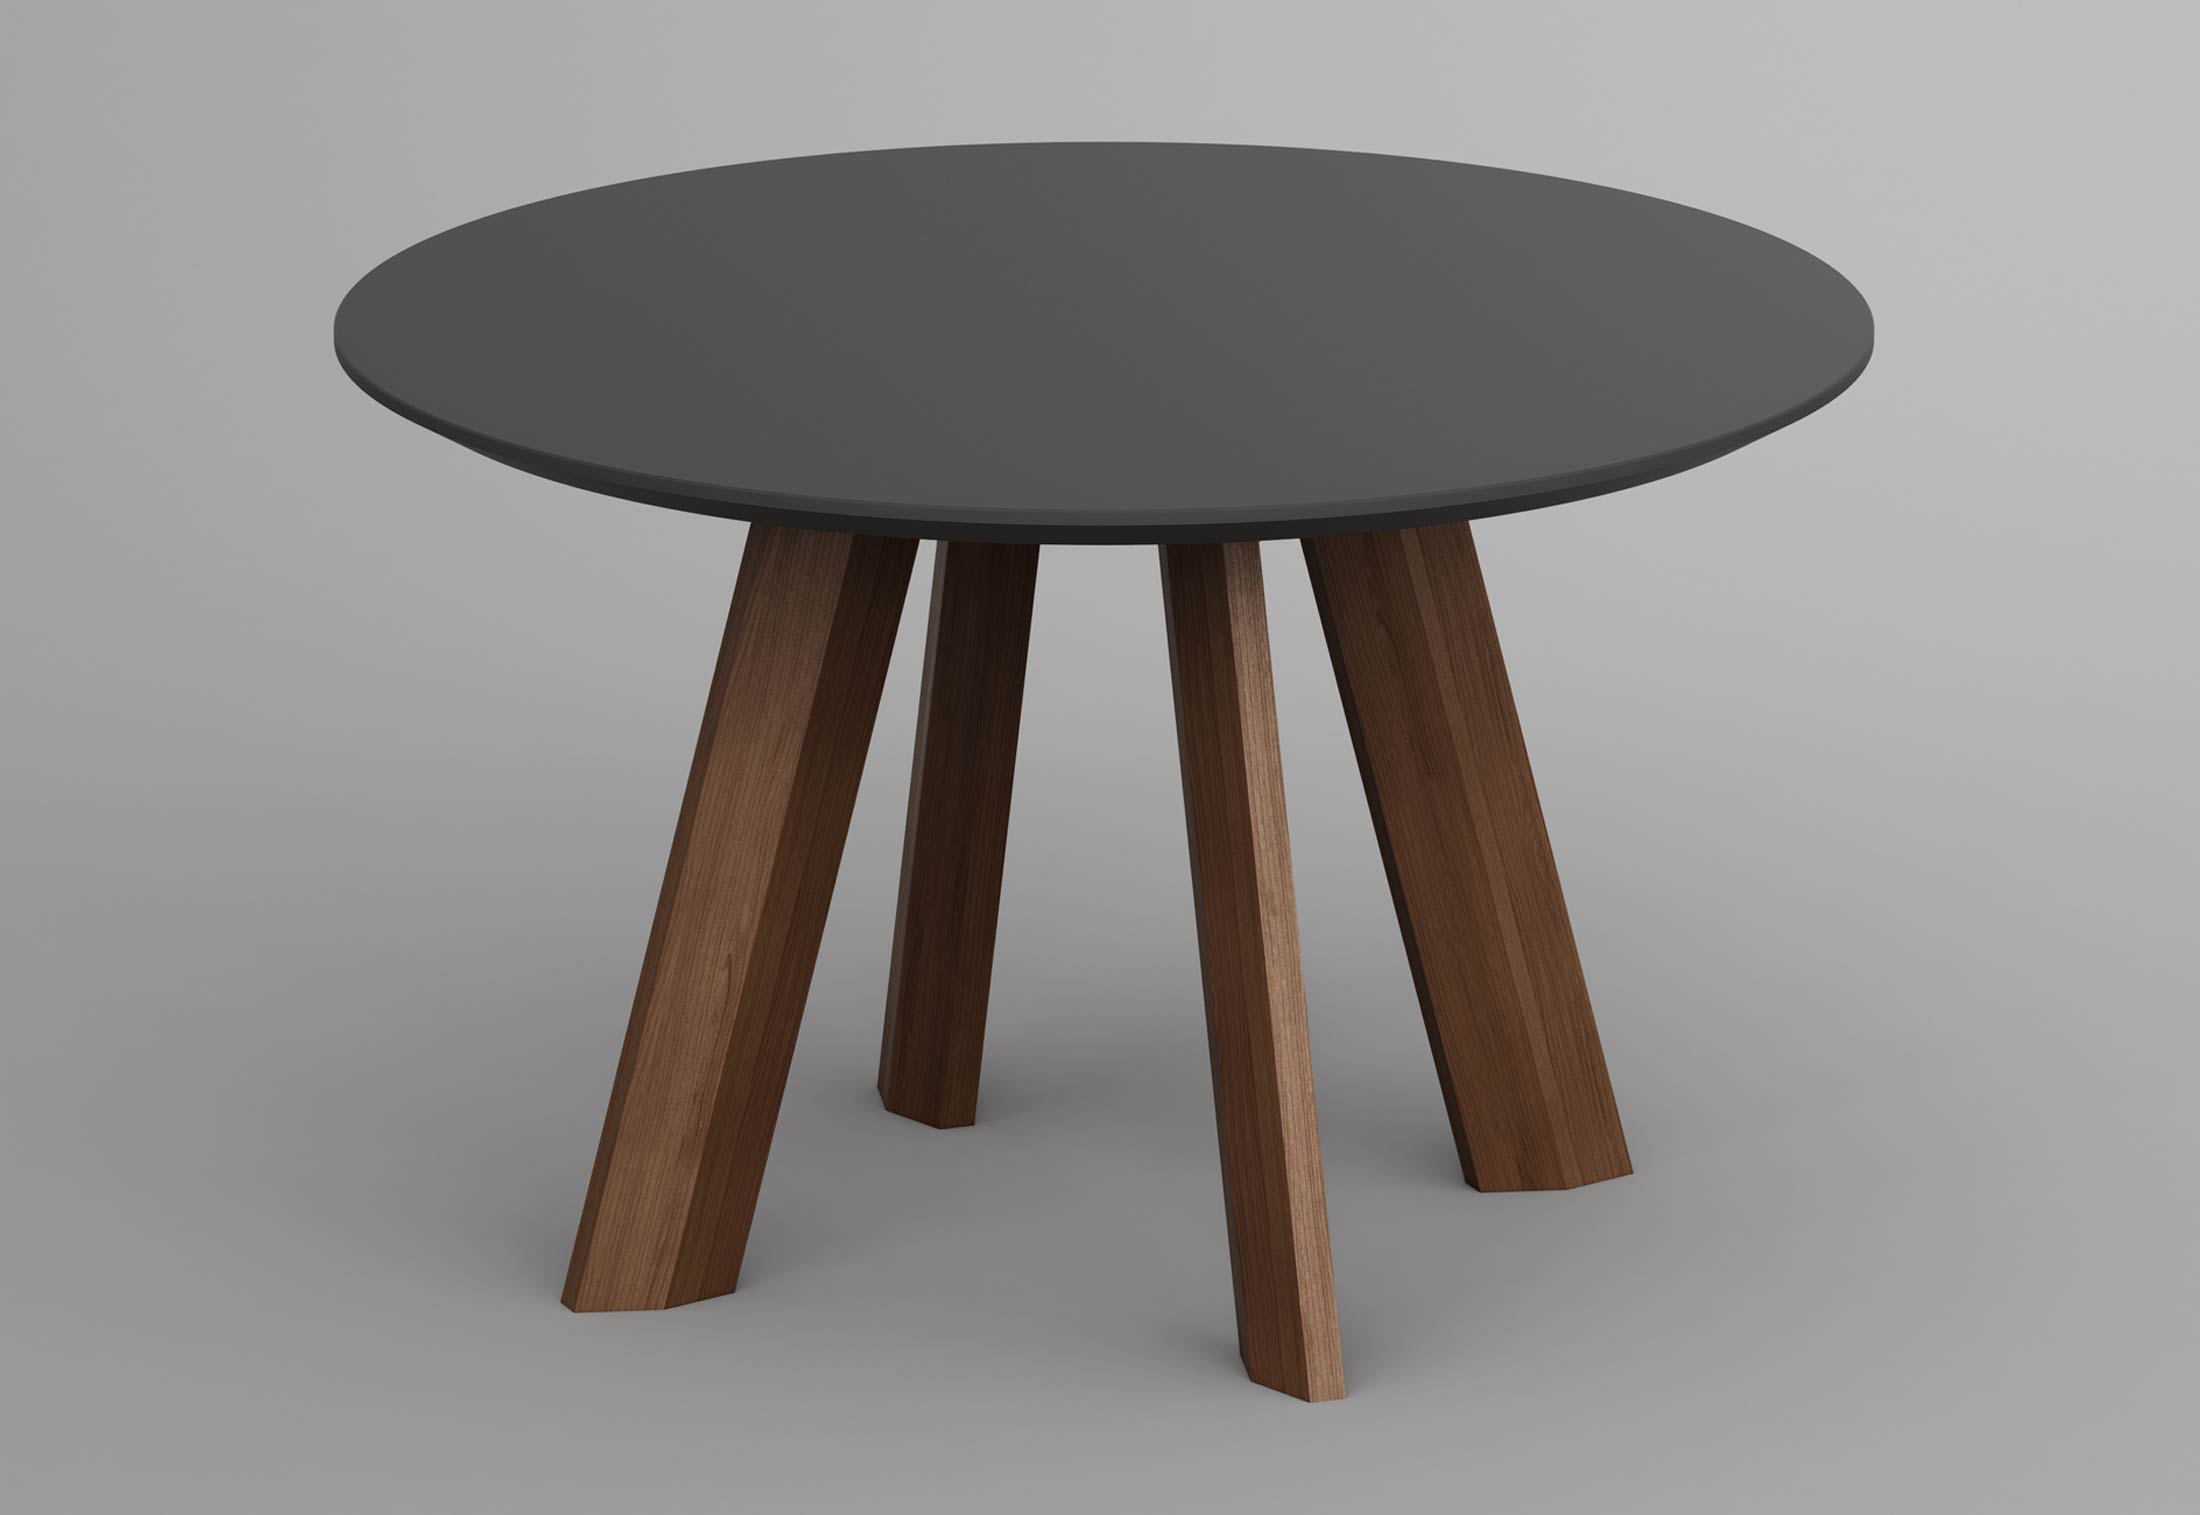 Rhombi tisch rund von vitamin design stylepark for Tisch design rund